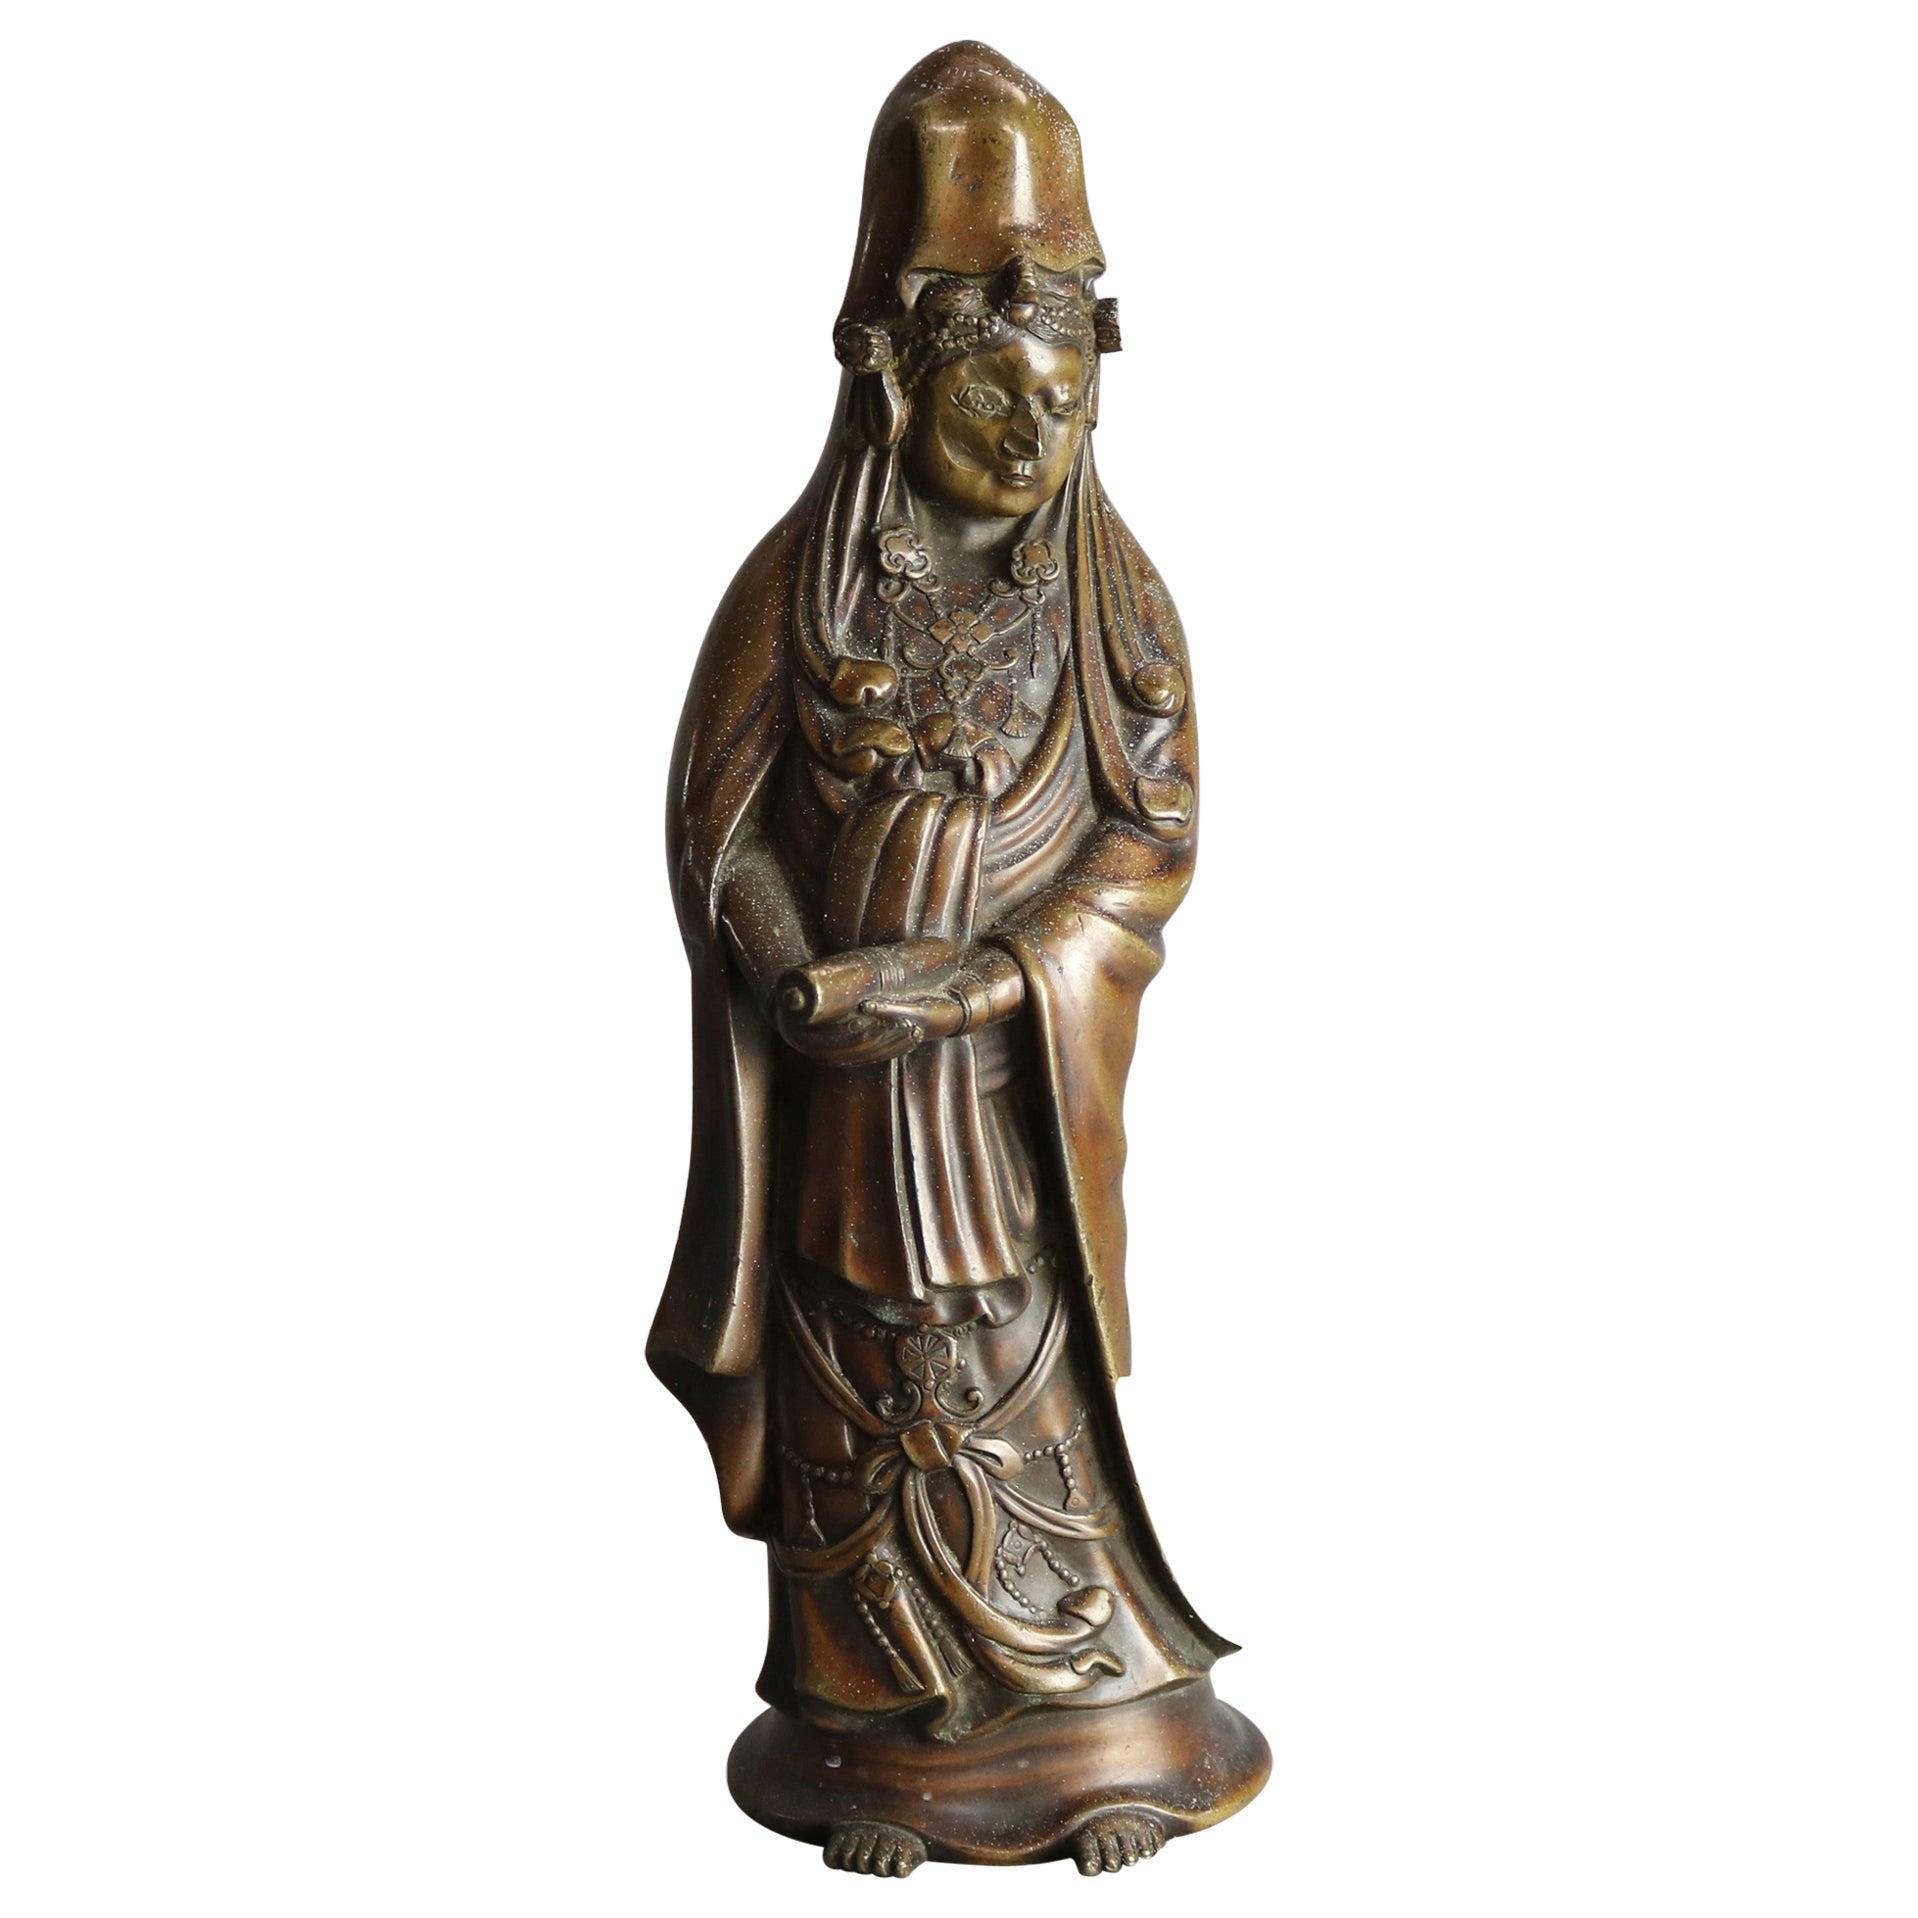 Antique Oriental Bronzed Buddha Sculpture, 19th Century